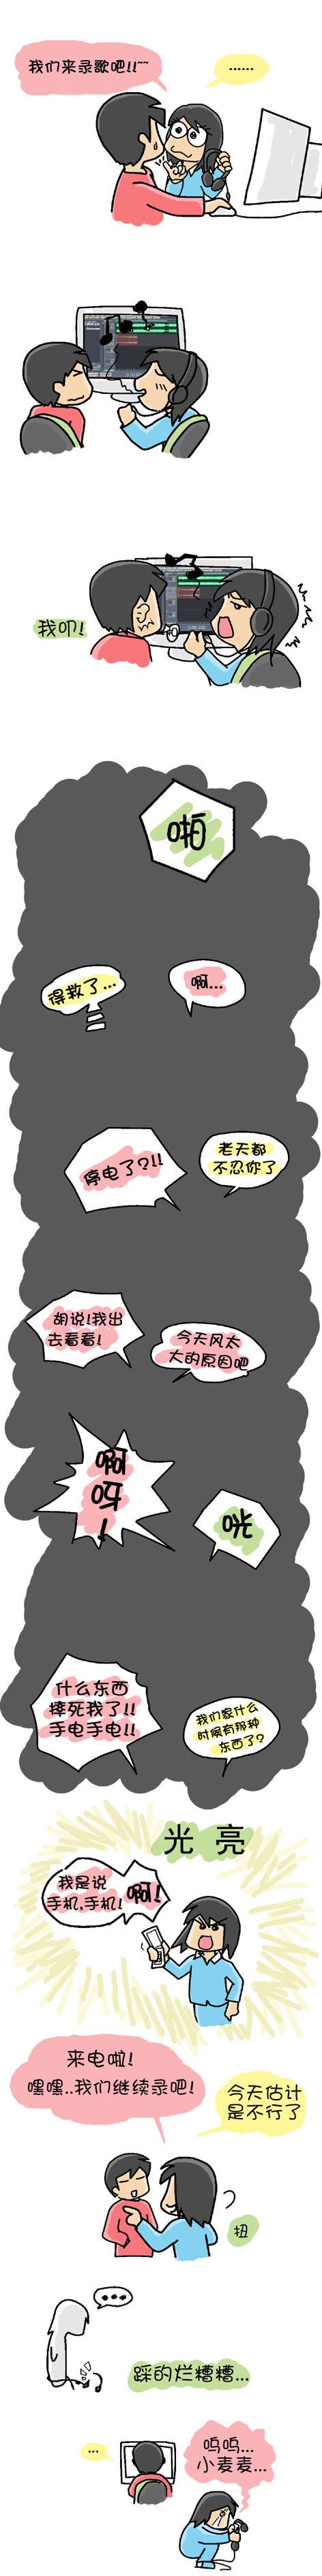 鬼吹灯 - 小步 - 小步漫画日记